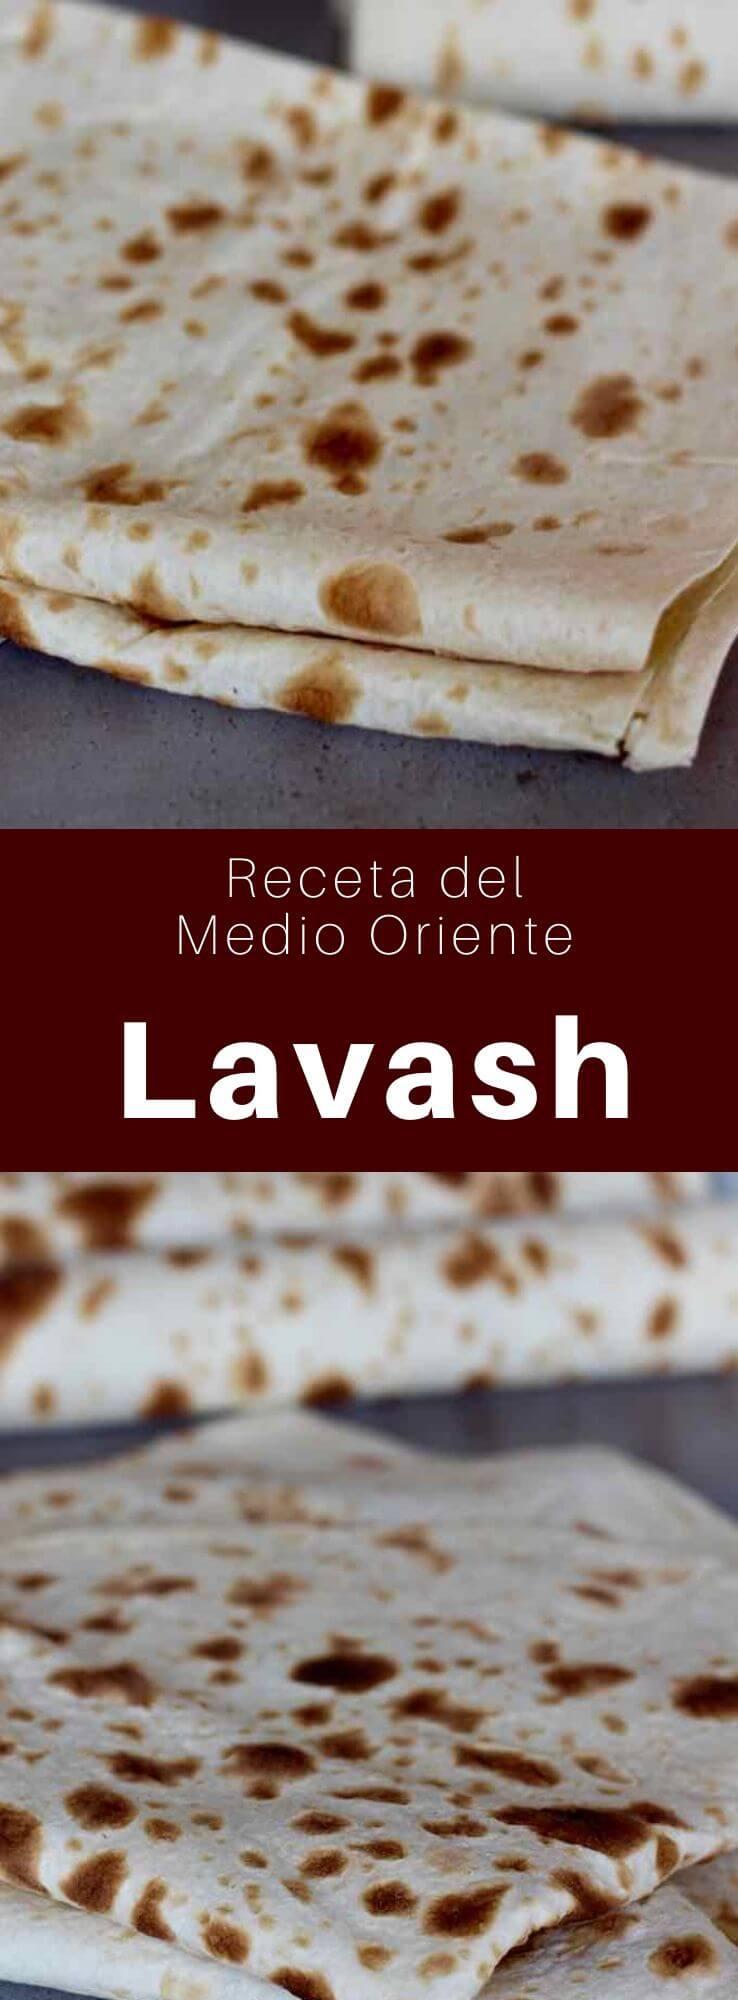 El lavash es un pan sin levadura común en Armenia y en la mayoría de las regiones del Medio Oriente, Transcaucasia y Asia occidental.